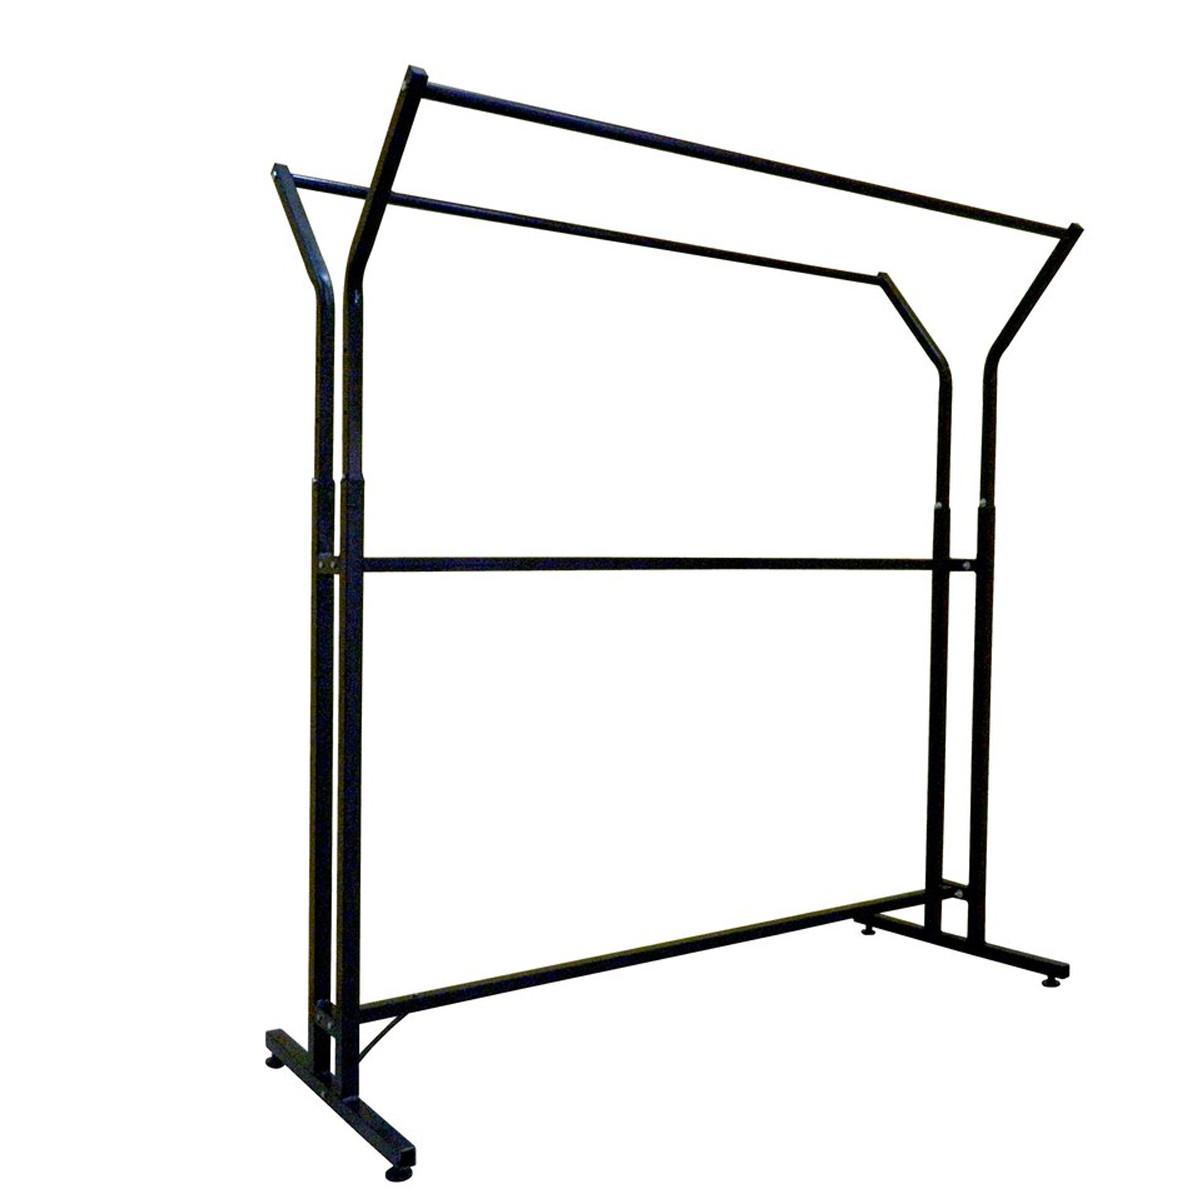 Стойка-вешало металлическая 155 см на две стороны для одежды (от производителя)